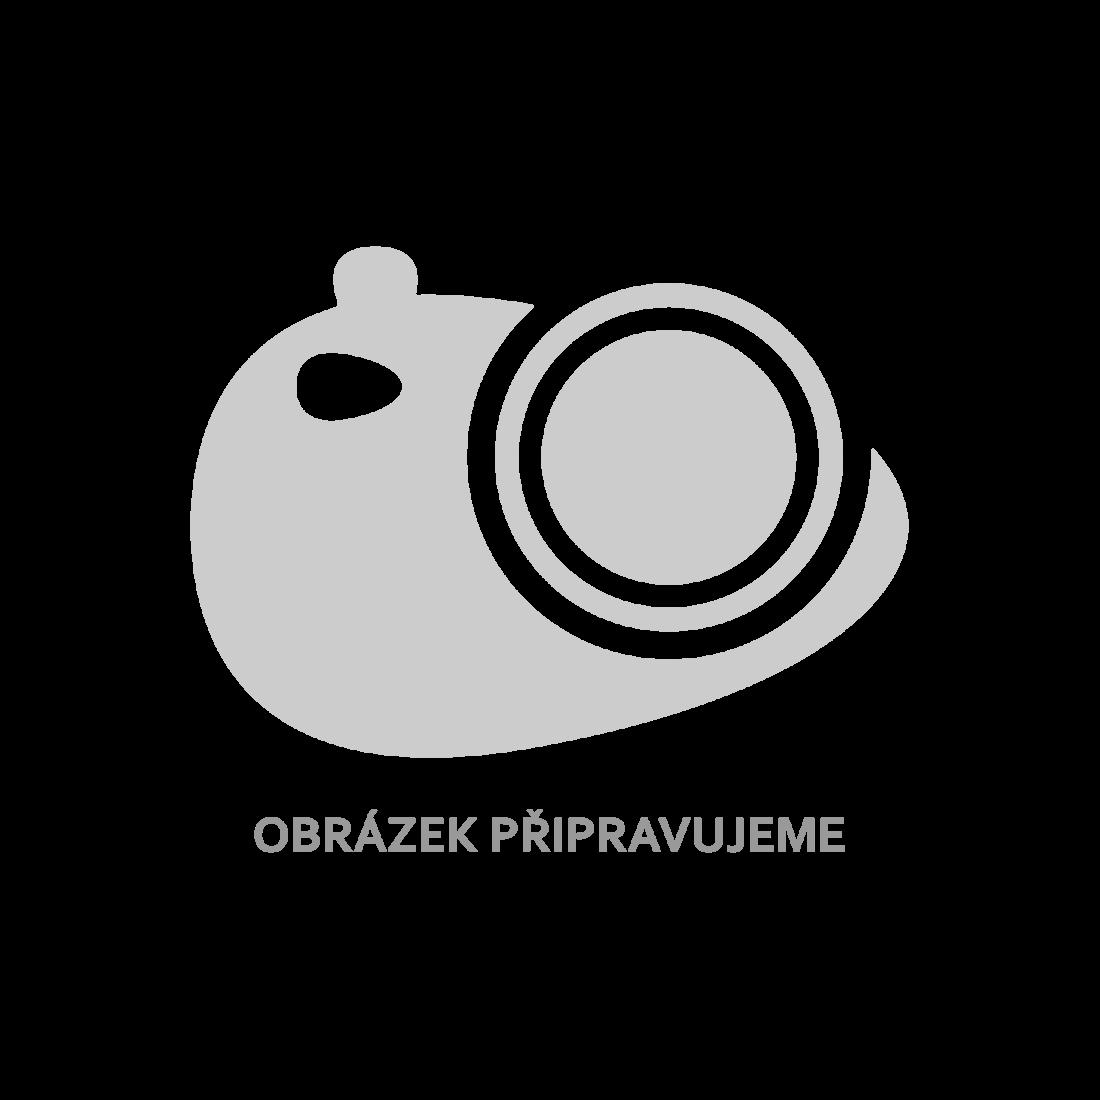 vidaXL Teleskopické nohy ke stolu 4 ks chrom 710 mm–1 100 mm [3051486]